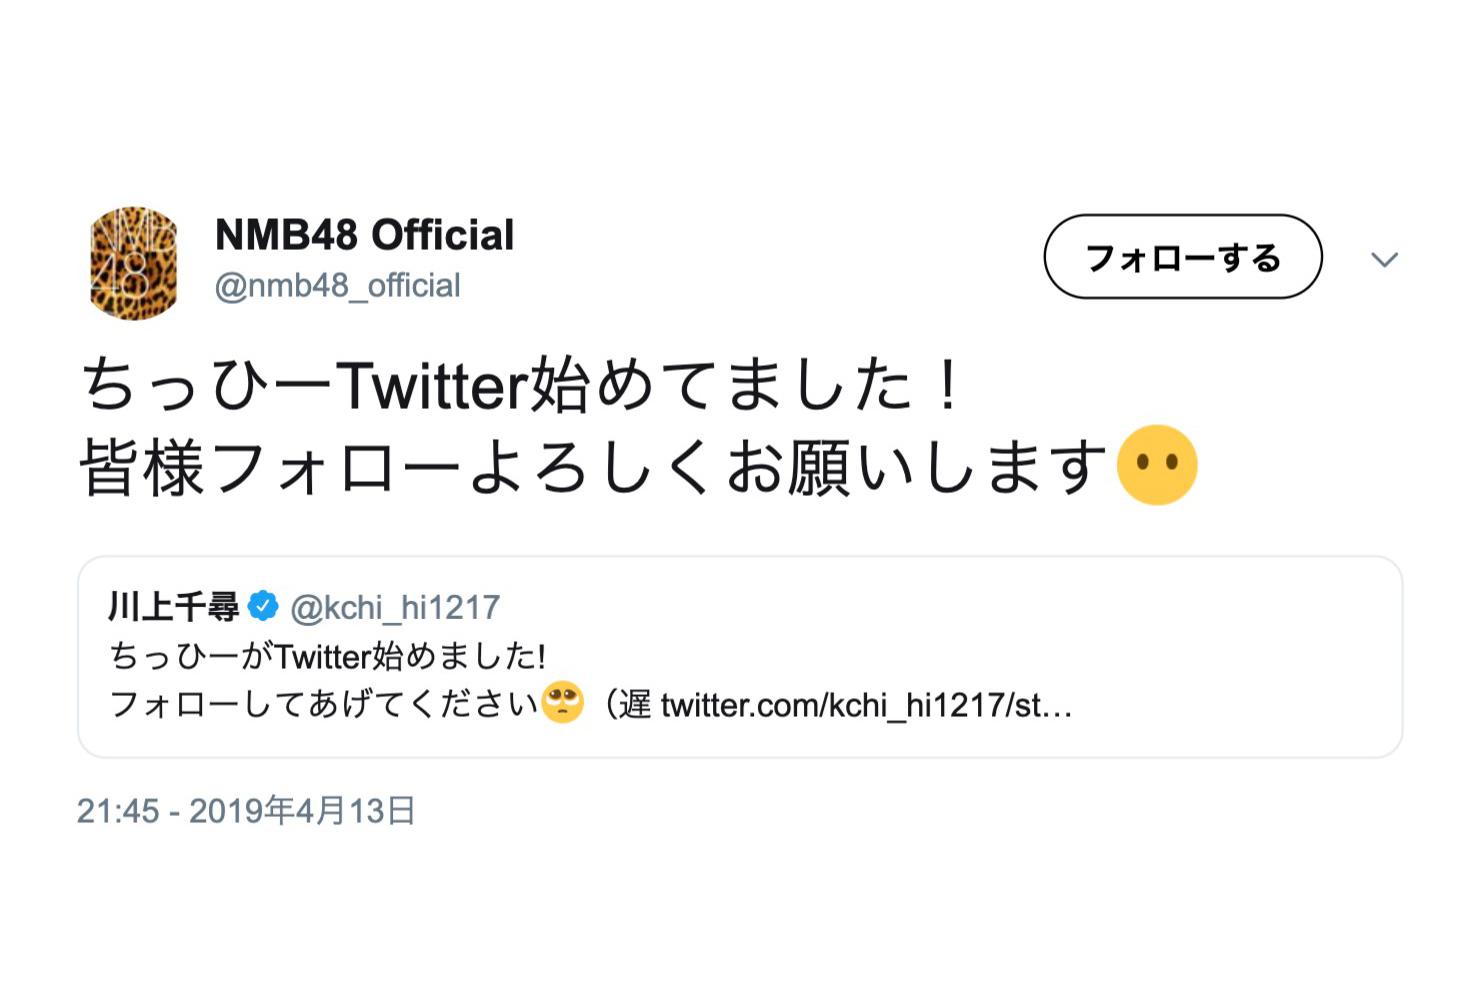 【NMB48】ドラフト3期のツイッター解禁でいろいろ盛り上がる。